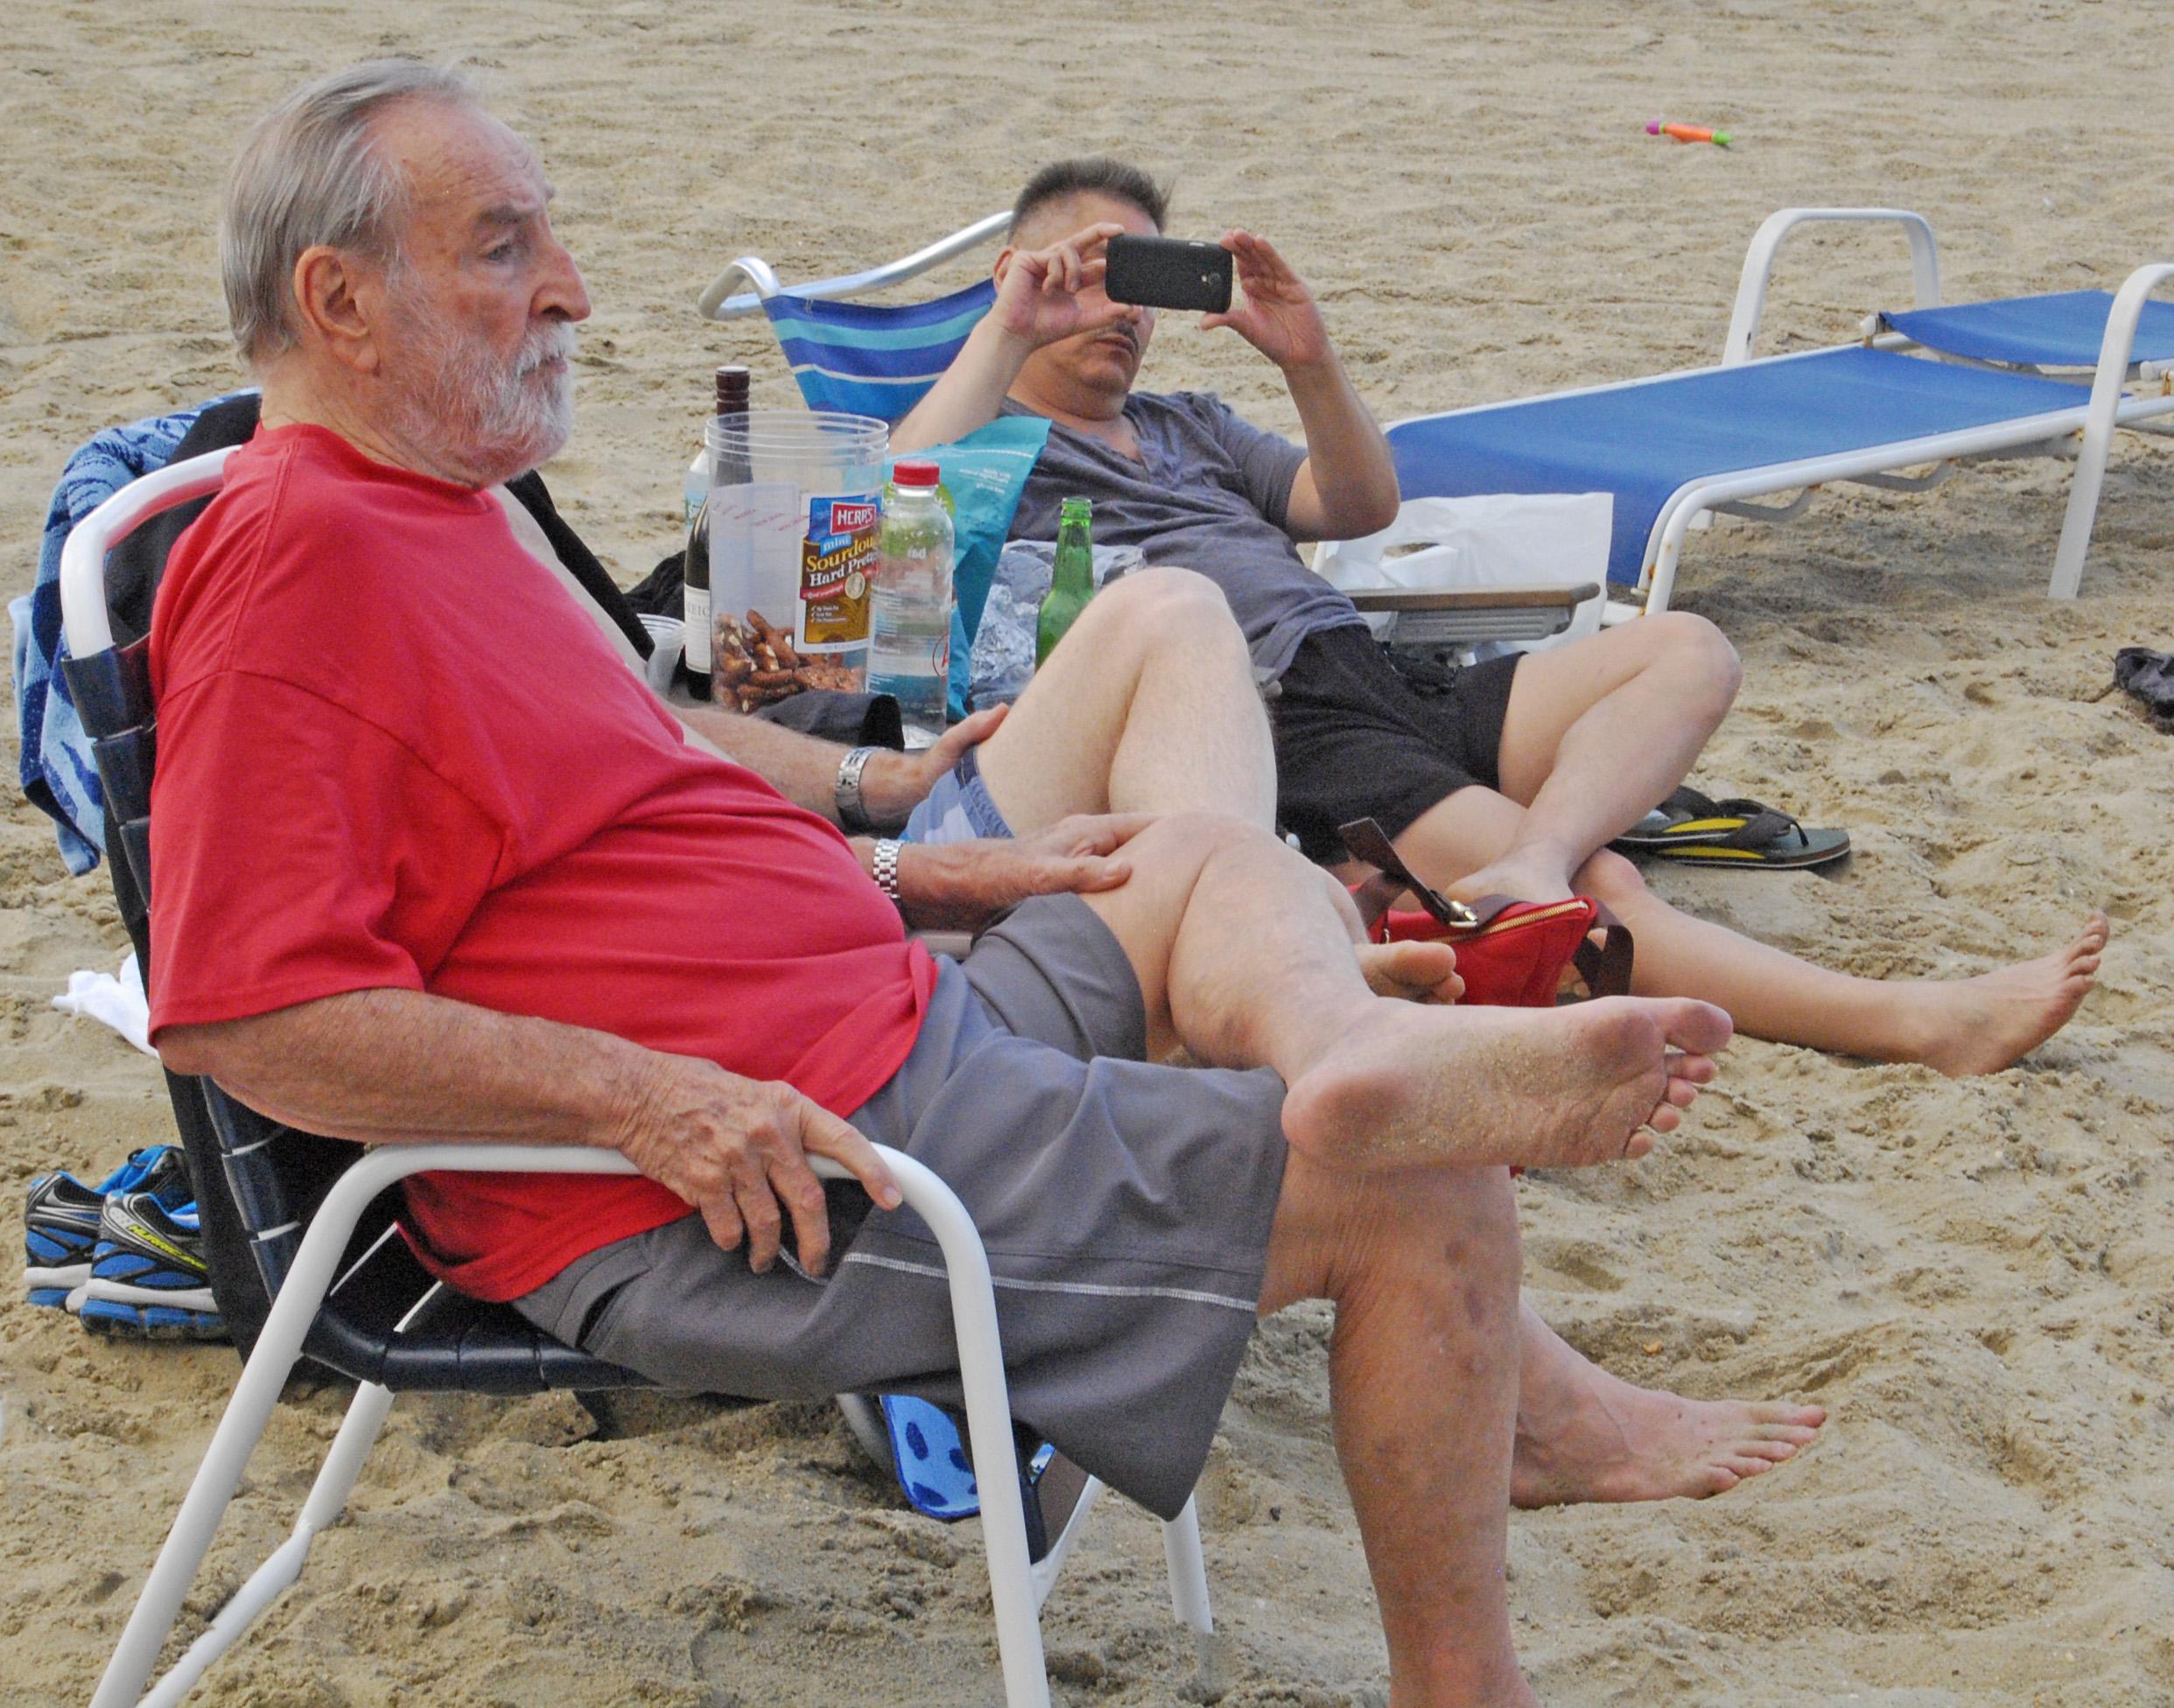 Dad, TJ beach